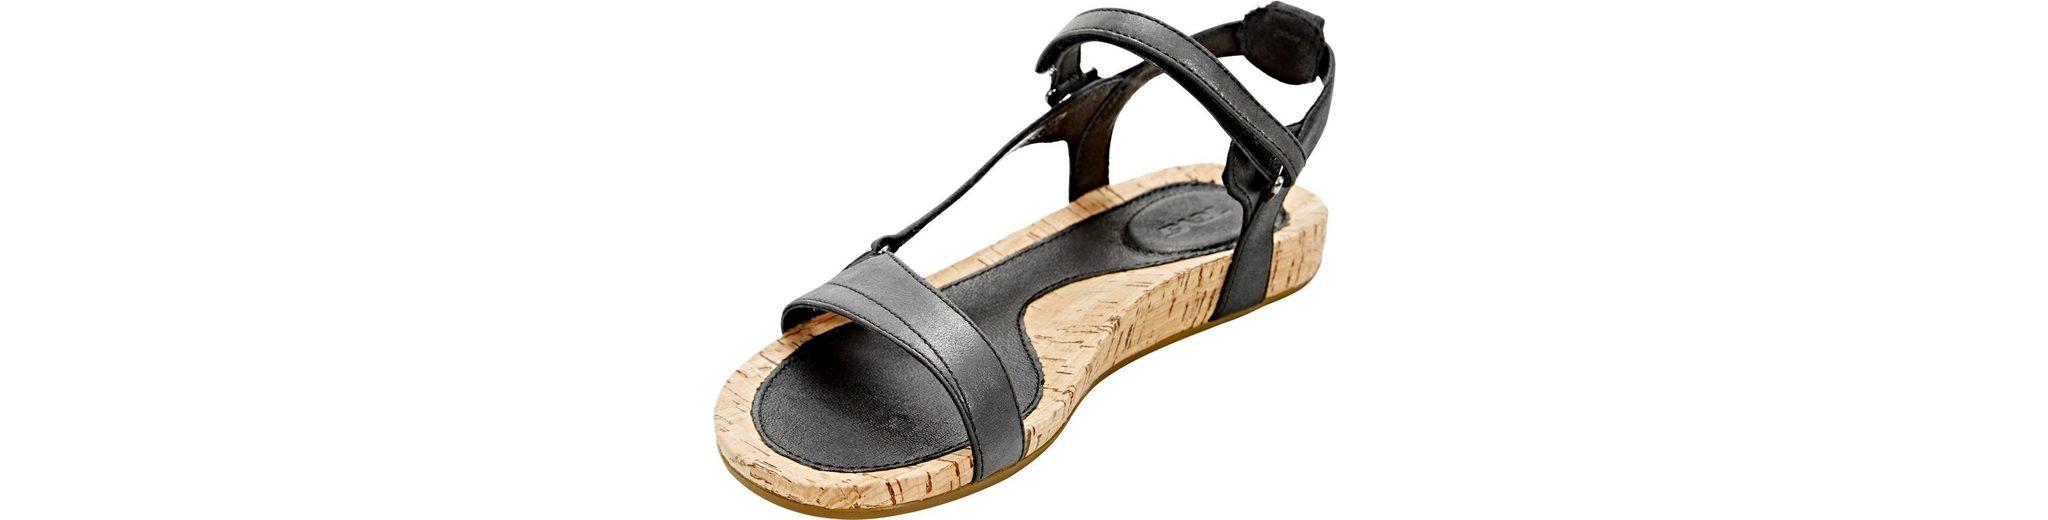 Freiheit Ausgezeichnet Teva Sandale Capri Universal Sandals Women Pearlized Black Konstrukteur Billige Visum Zahlung Footaction Zum Verkauf Mode-Stil Günstig Online 2BCzALi6